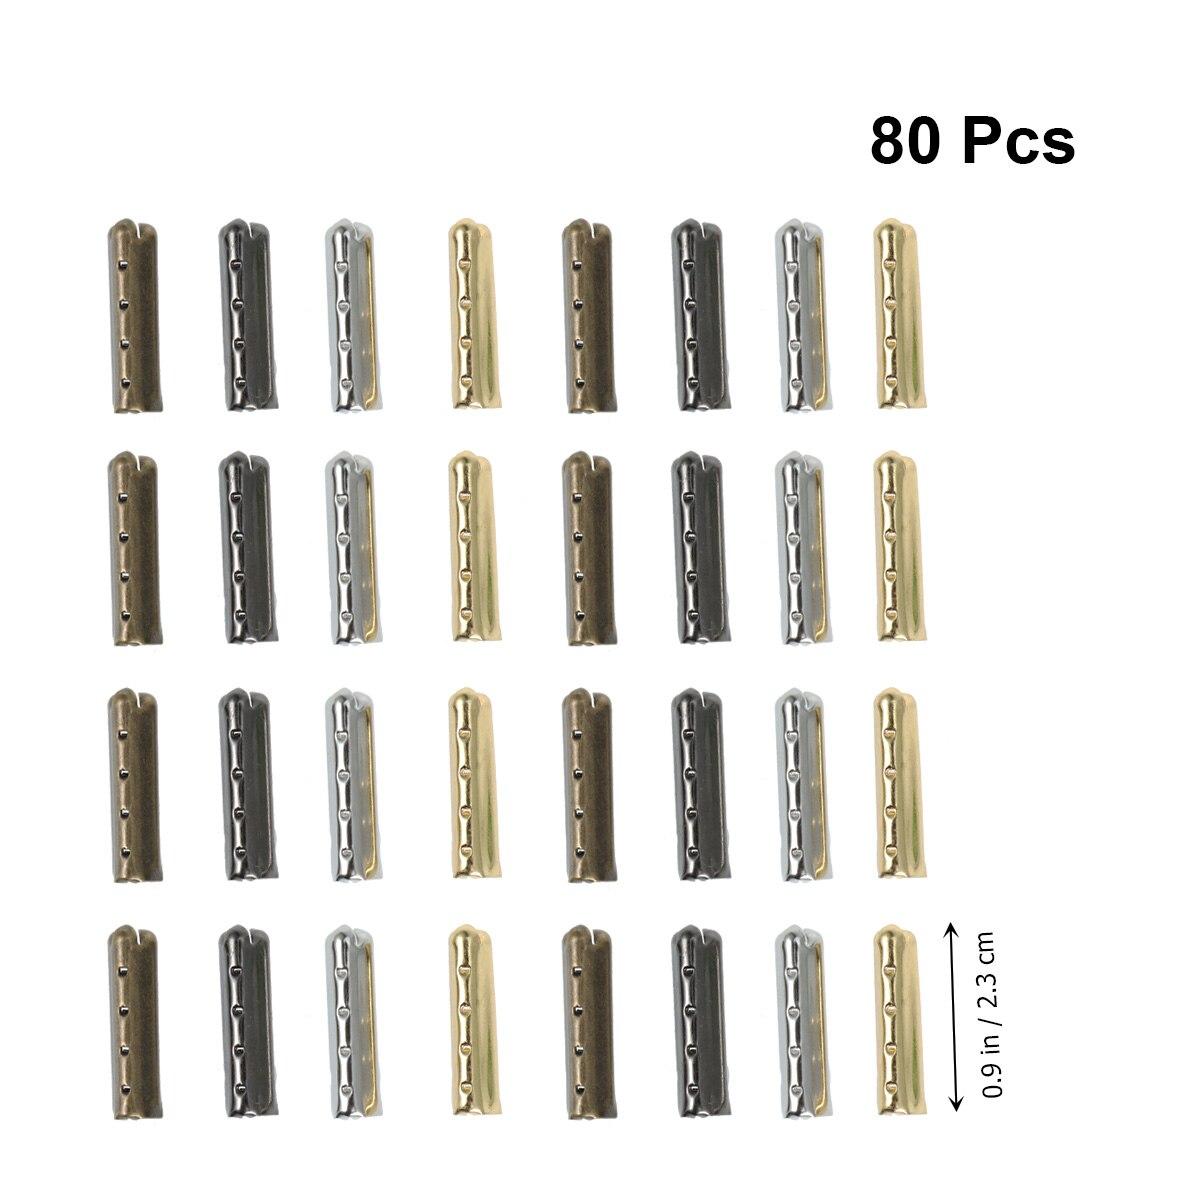 Bout de lacet en cuivre bricolage   80 pièces, bout de Aglet de réparation, pointe de lacet en cuivre, pointe de lacet pour bottes, baskets de basket-ball